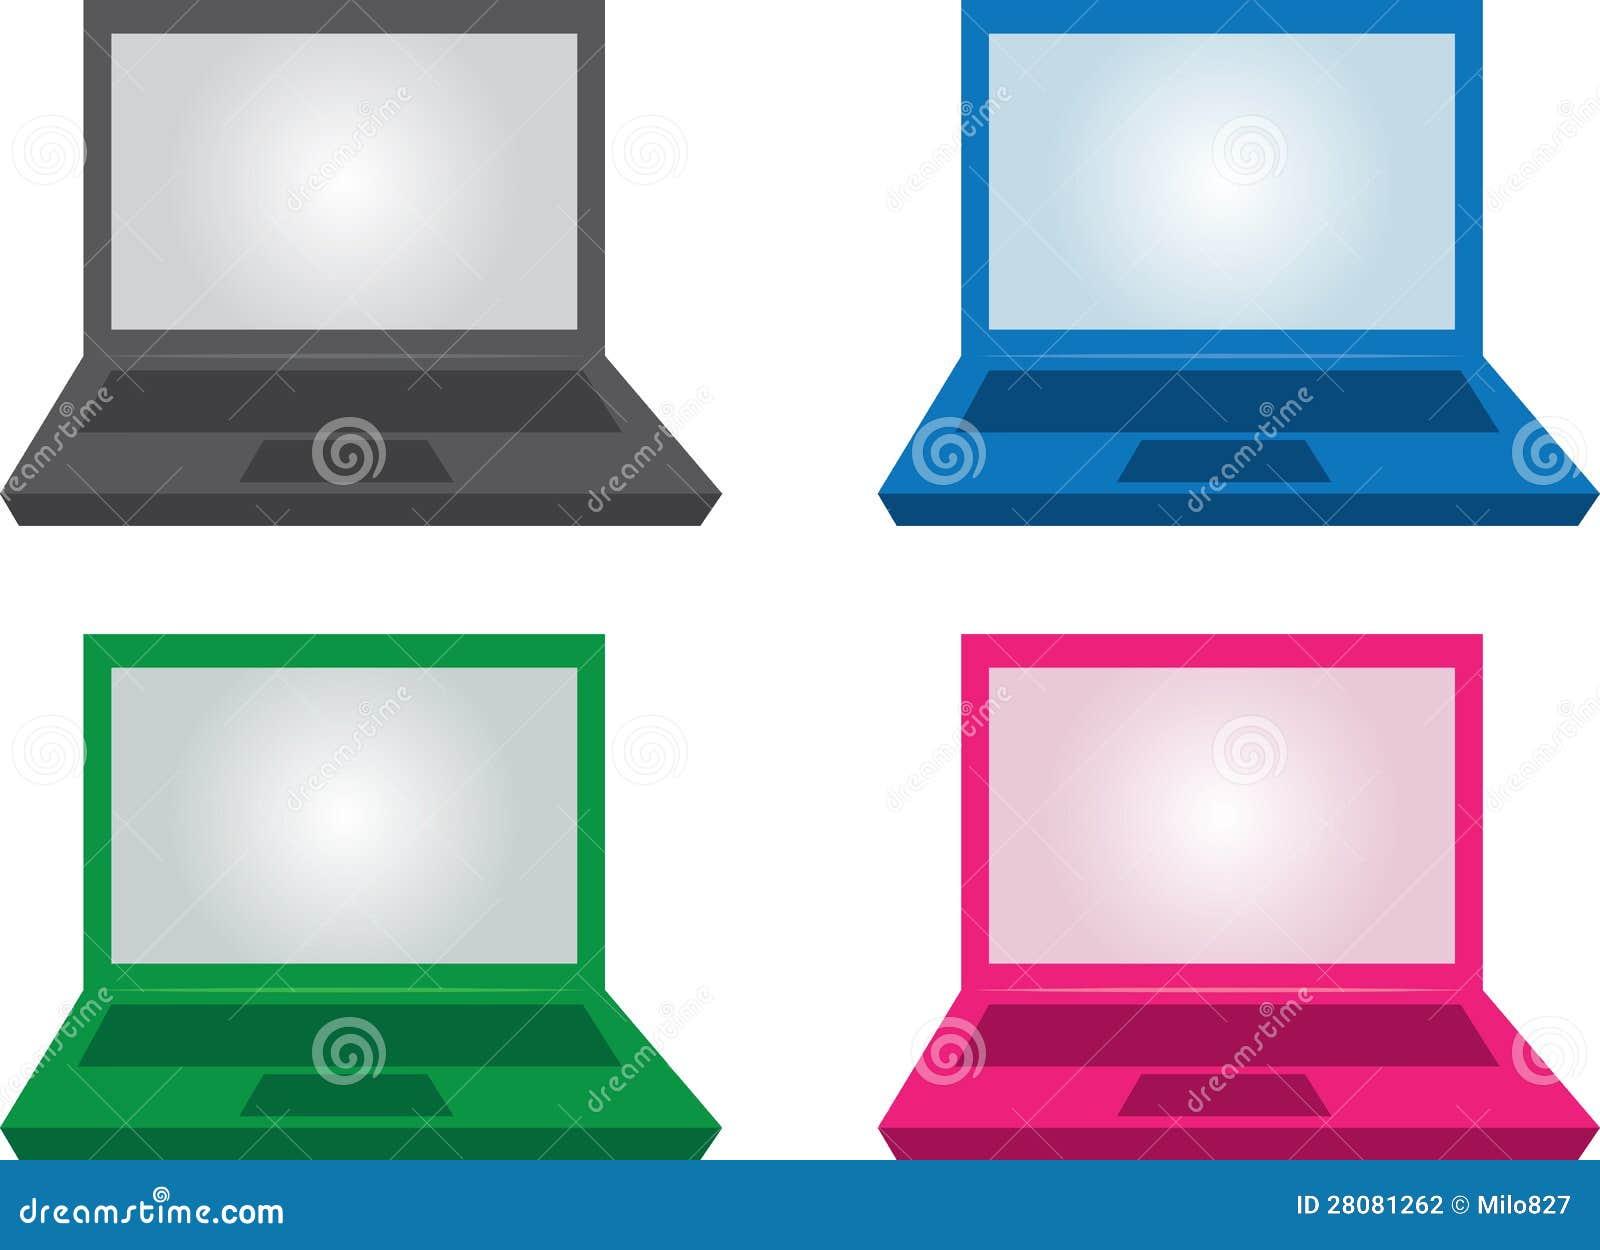 Colores De La Computadora Portátil Stock De Ilustración